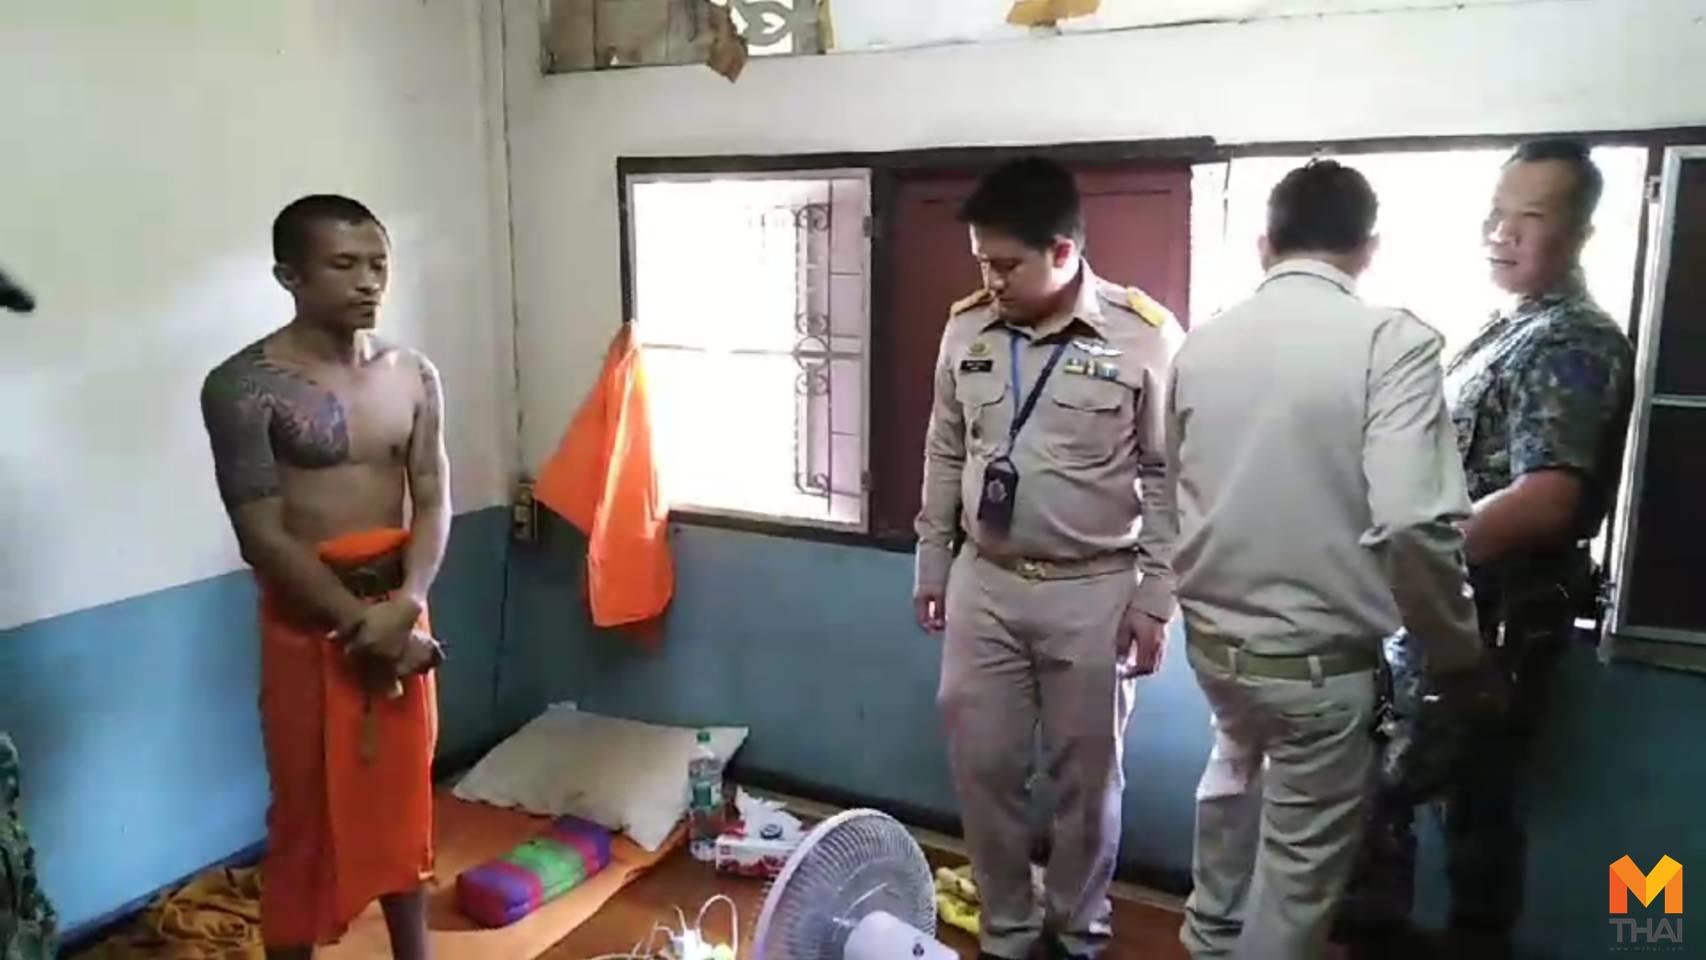 ข่าวภูมิภาค ฉี่ม่วง นนทบุรี พระเสพยา ยาเสพติด